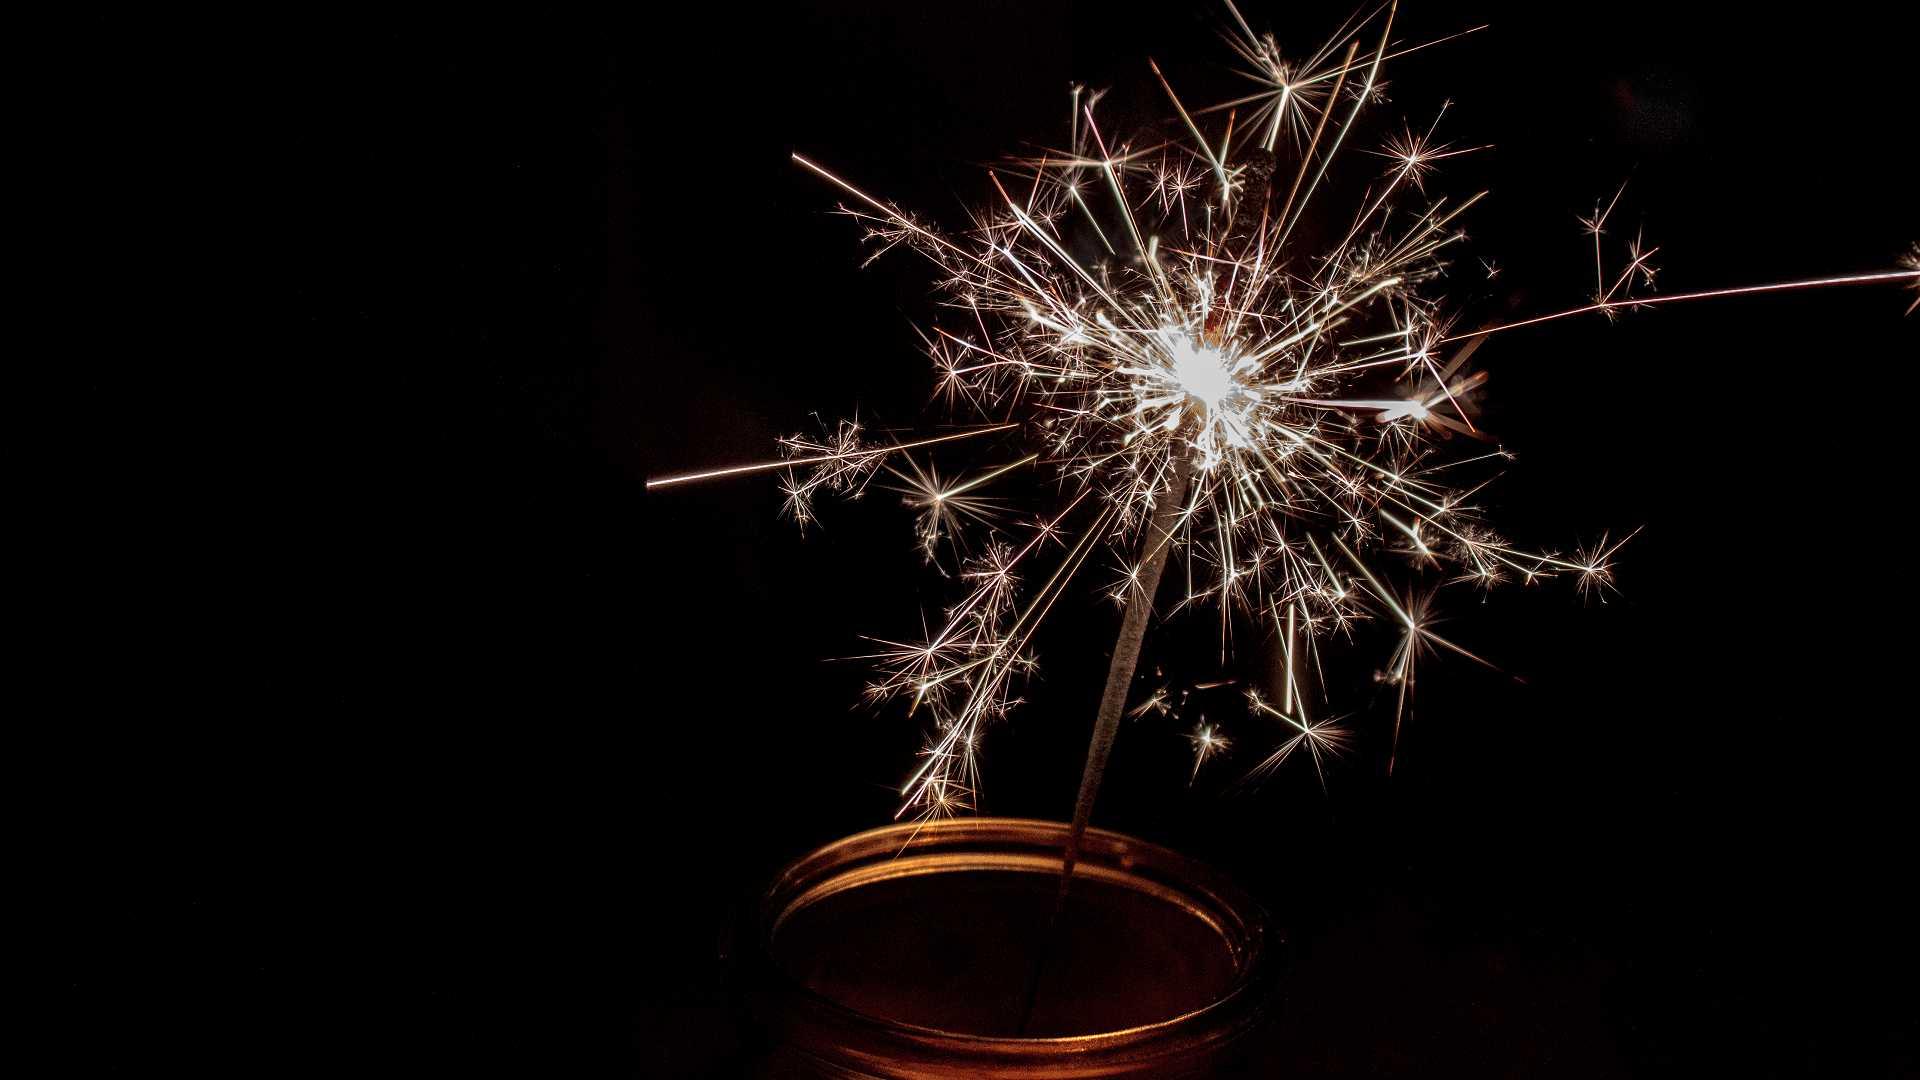 Wunderkerzen zu Silvester, mit guten Neujahrswünschen